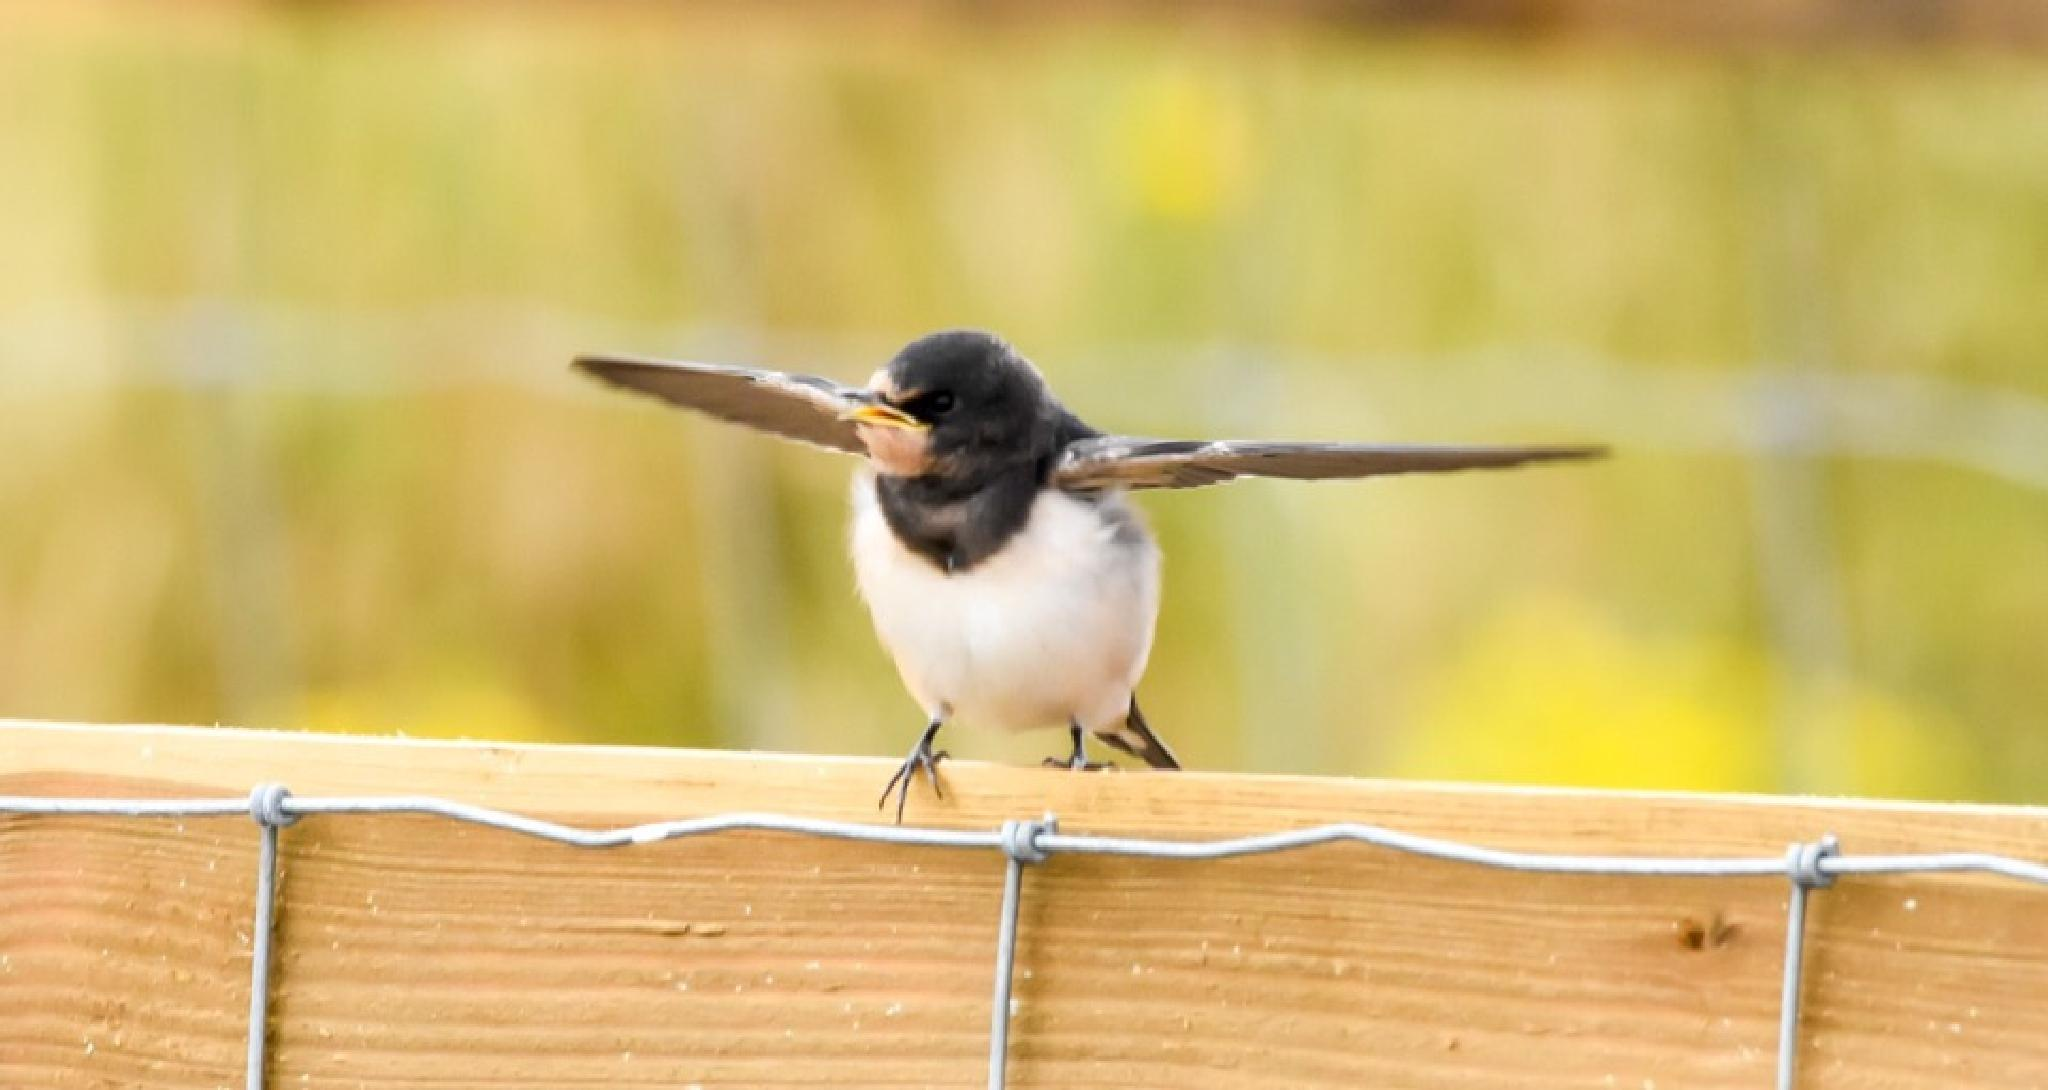 Swallow  by gazclarke1974